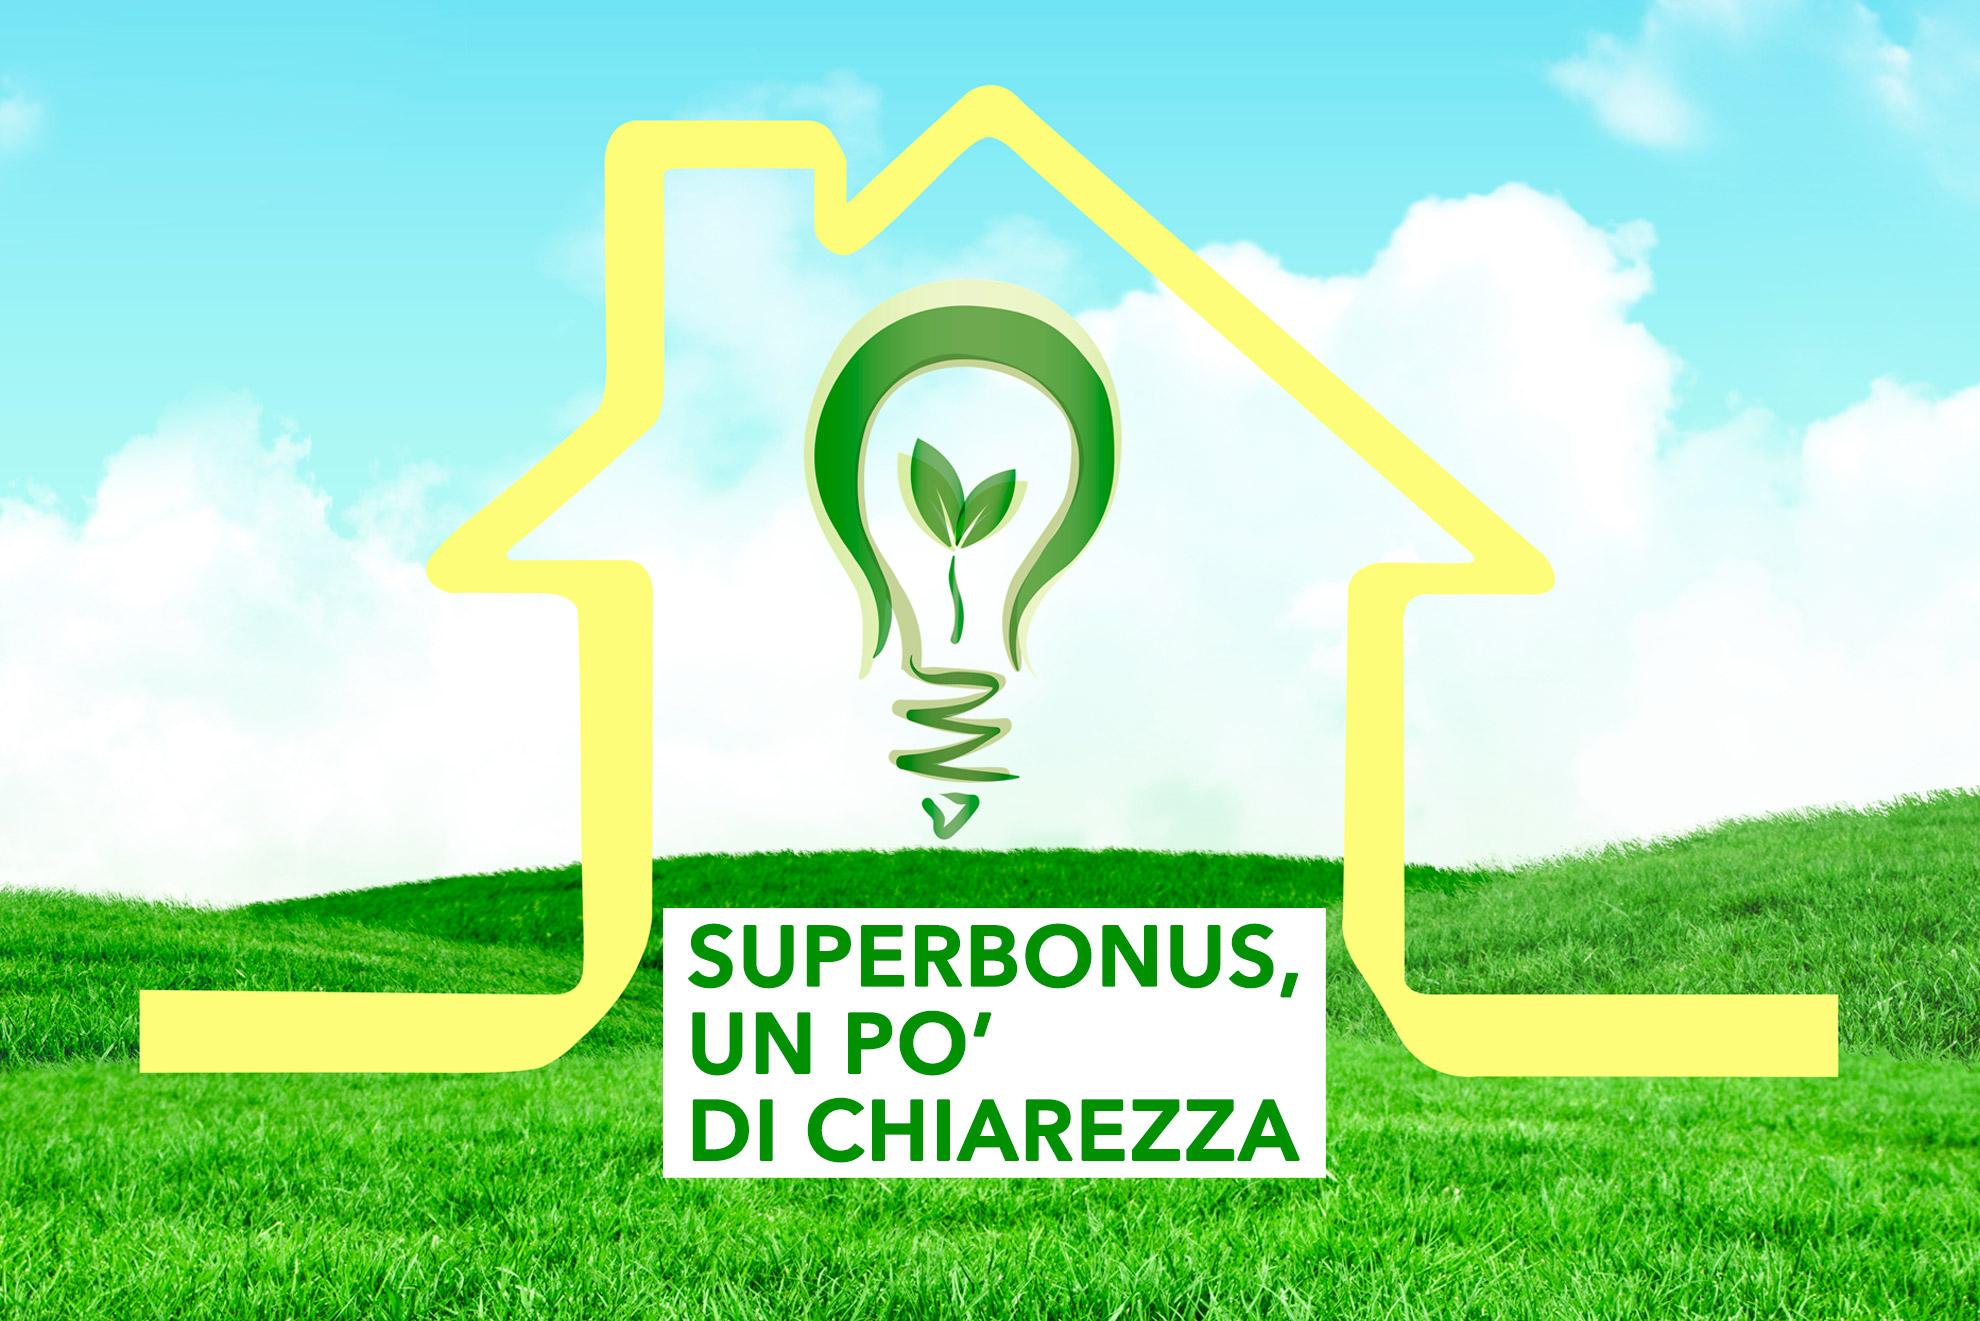 Superbonus, un po' di chiarezza